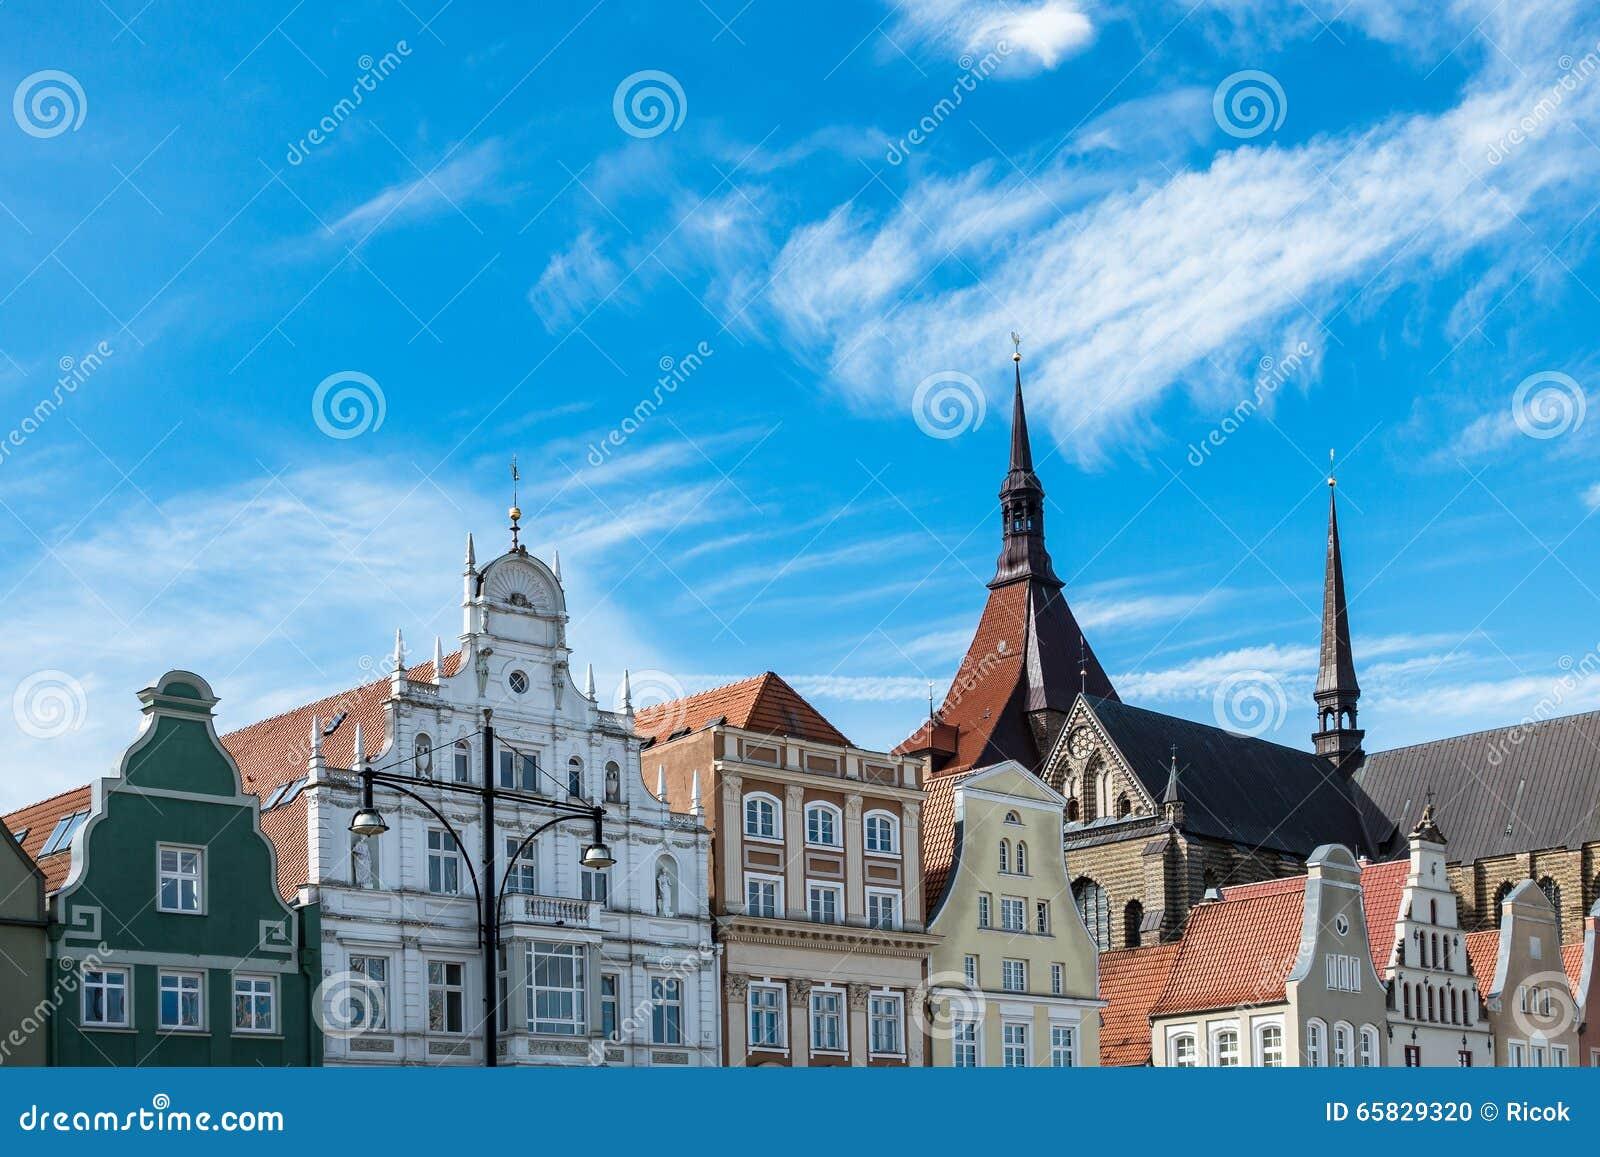 Sky Rostock